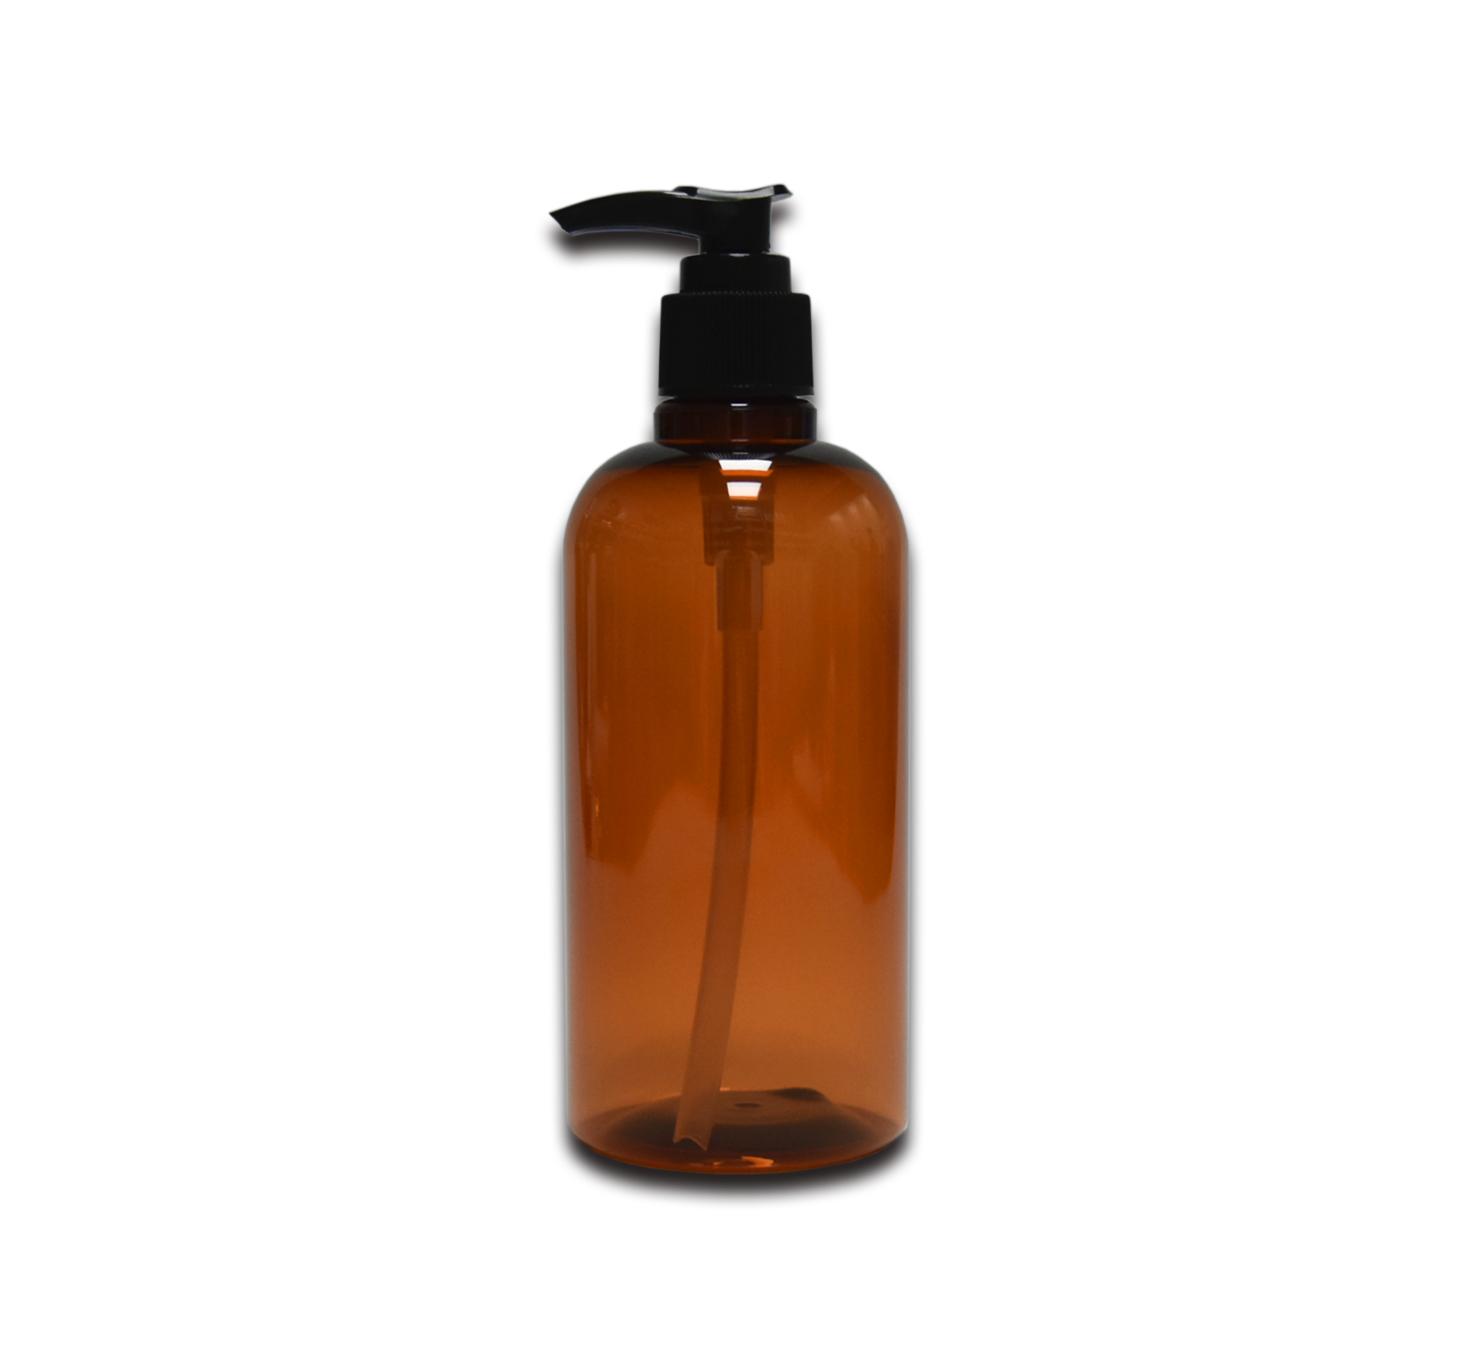 Ámbar de 320 ml botella de champú botella de PCR de embalaje de plástico reciclable del cuerpo de la botella de loción para el cabello acondicionador botella de embalaje